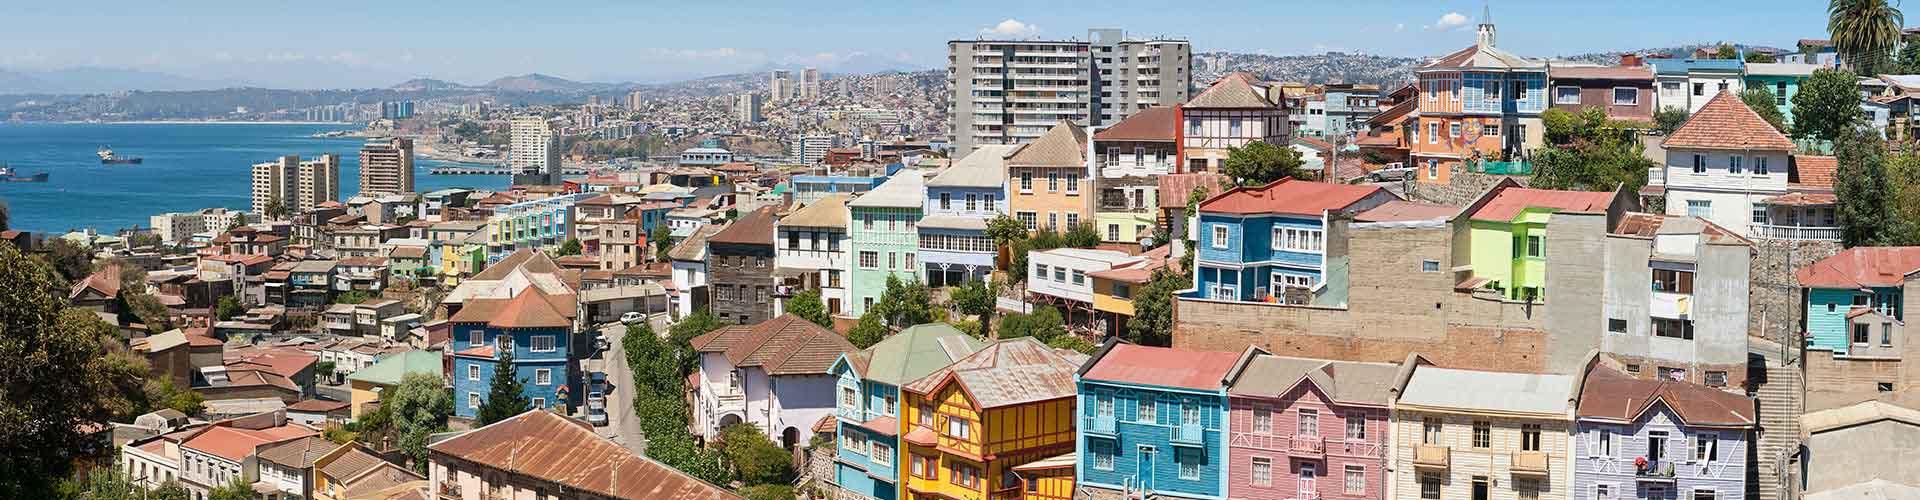 Valparaíso - Habitaciones en Valparaíso. Mapas de Valparaíso, Fotos y comentarios de cada Habitación en Valparaíso.